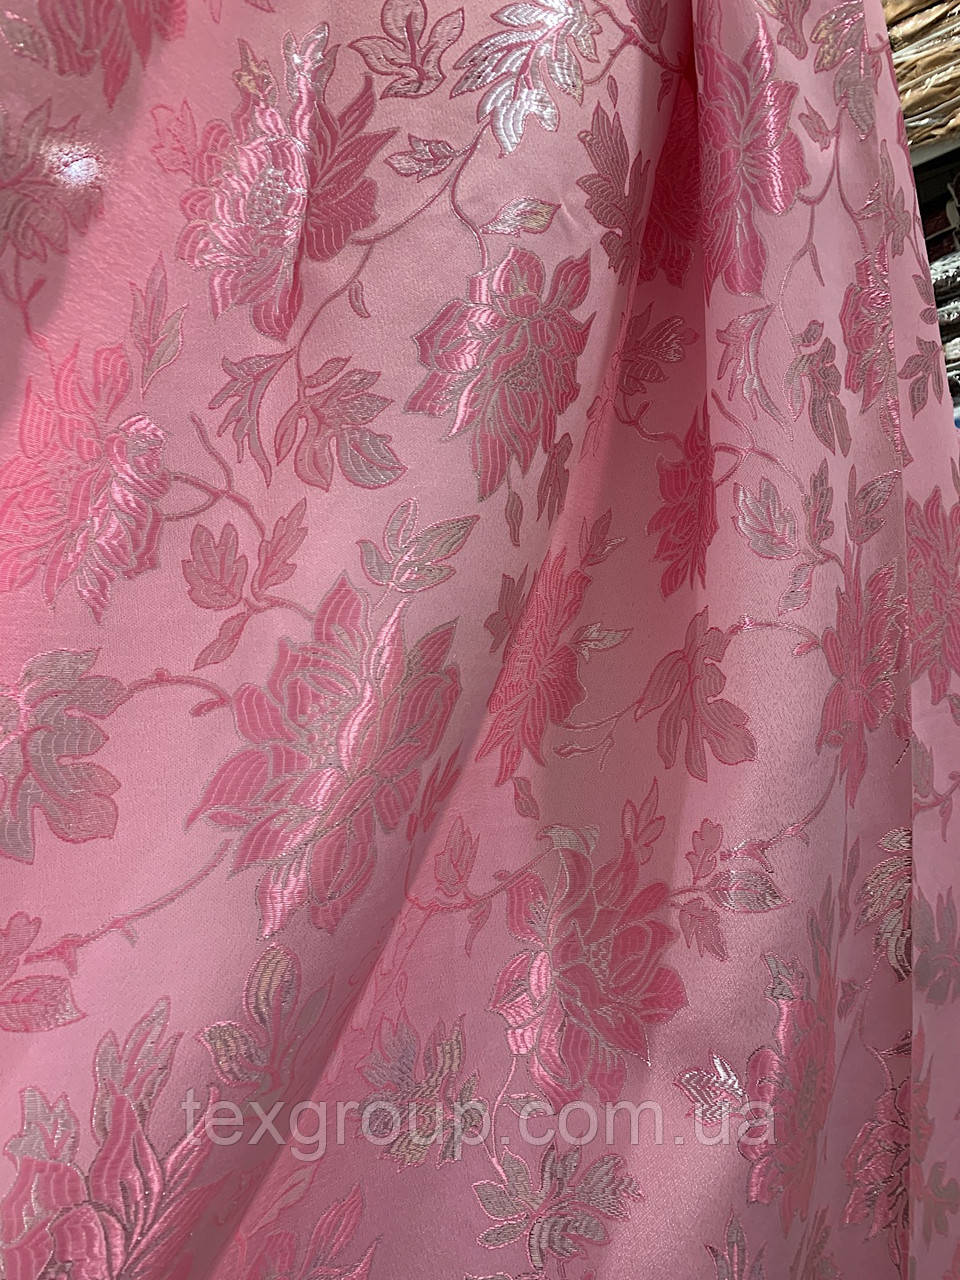 Шторы жаккард 1.5м розовая  D3